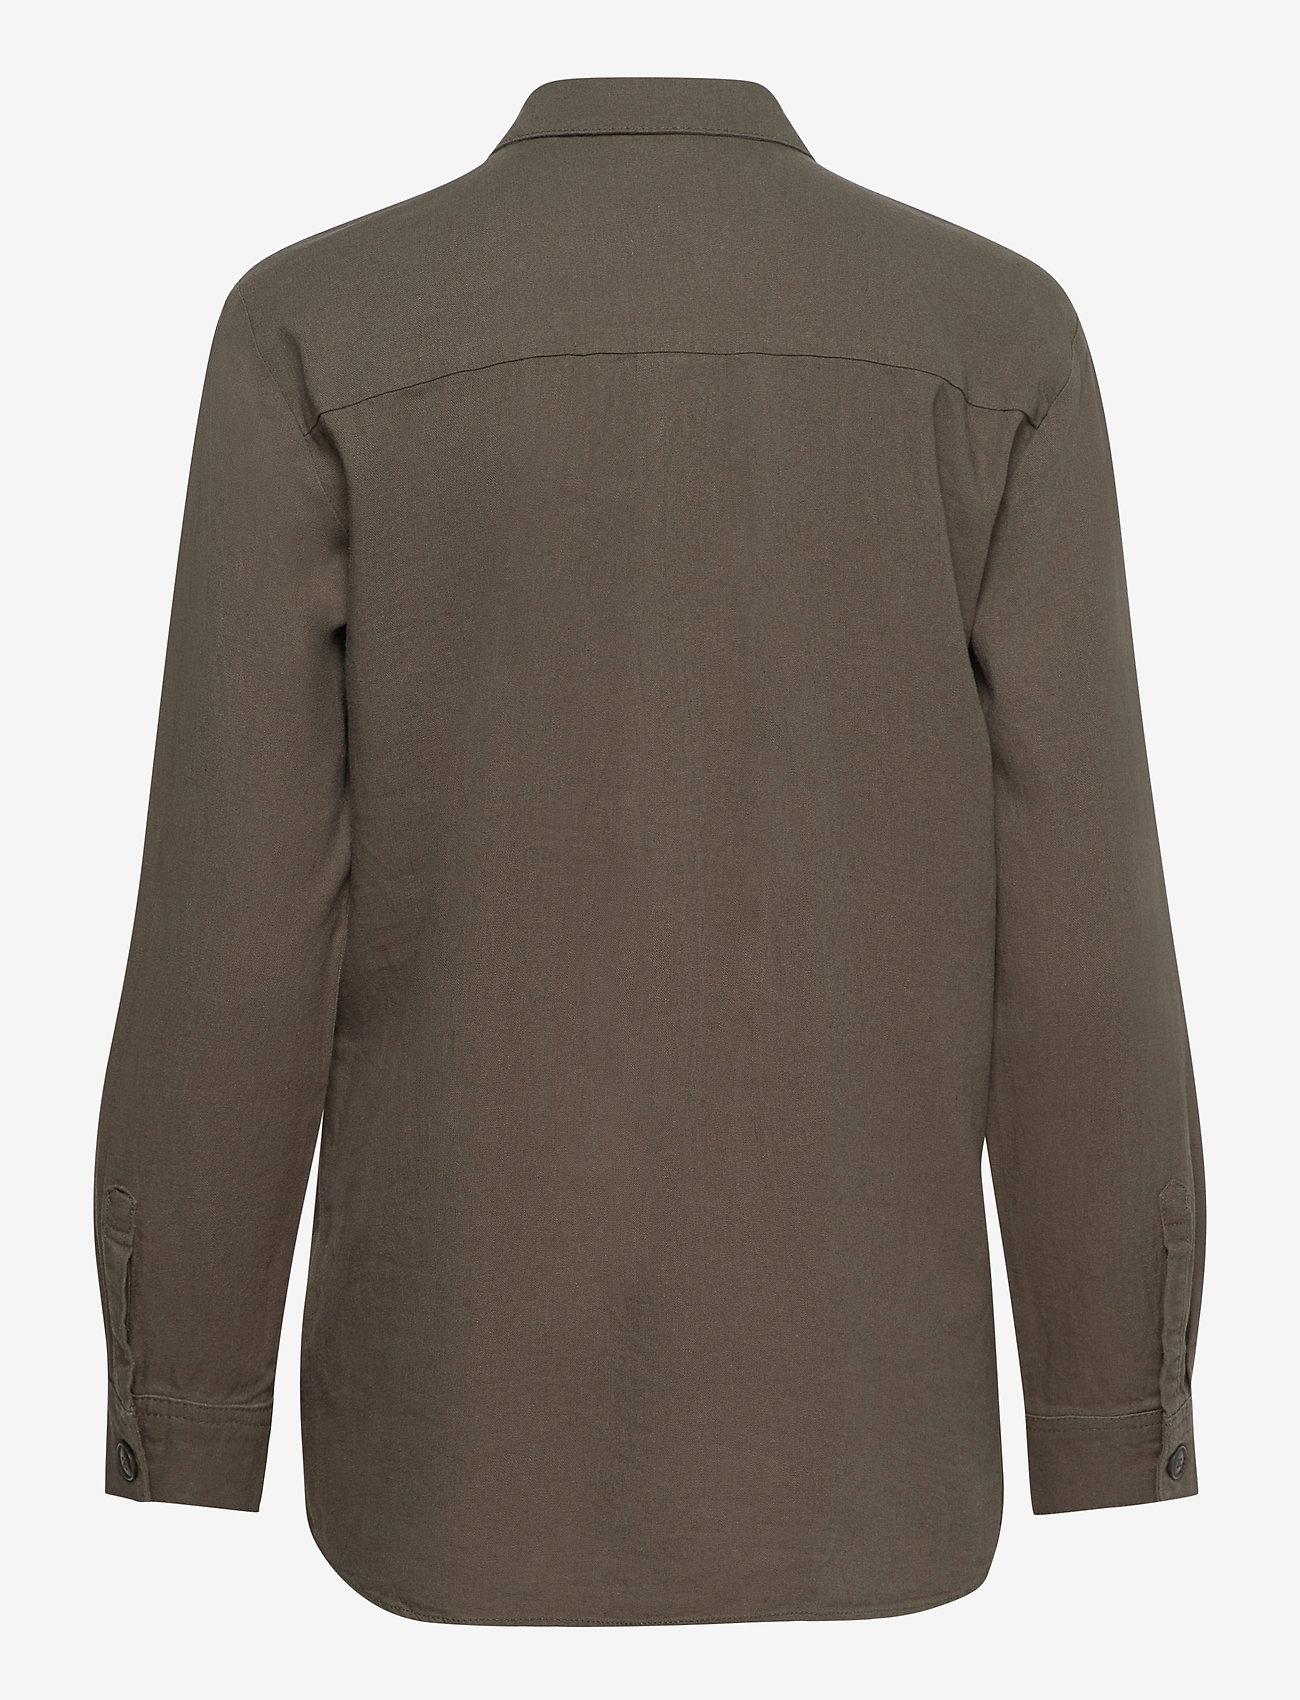 FREE/QUENT - FQLAVA-SH - langærmede skjorter - dusty olive - 1